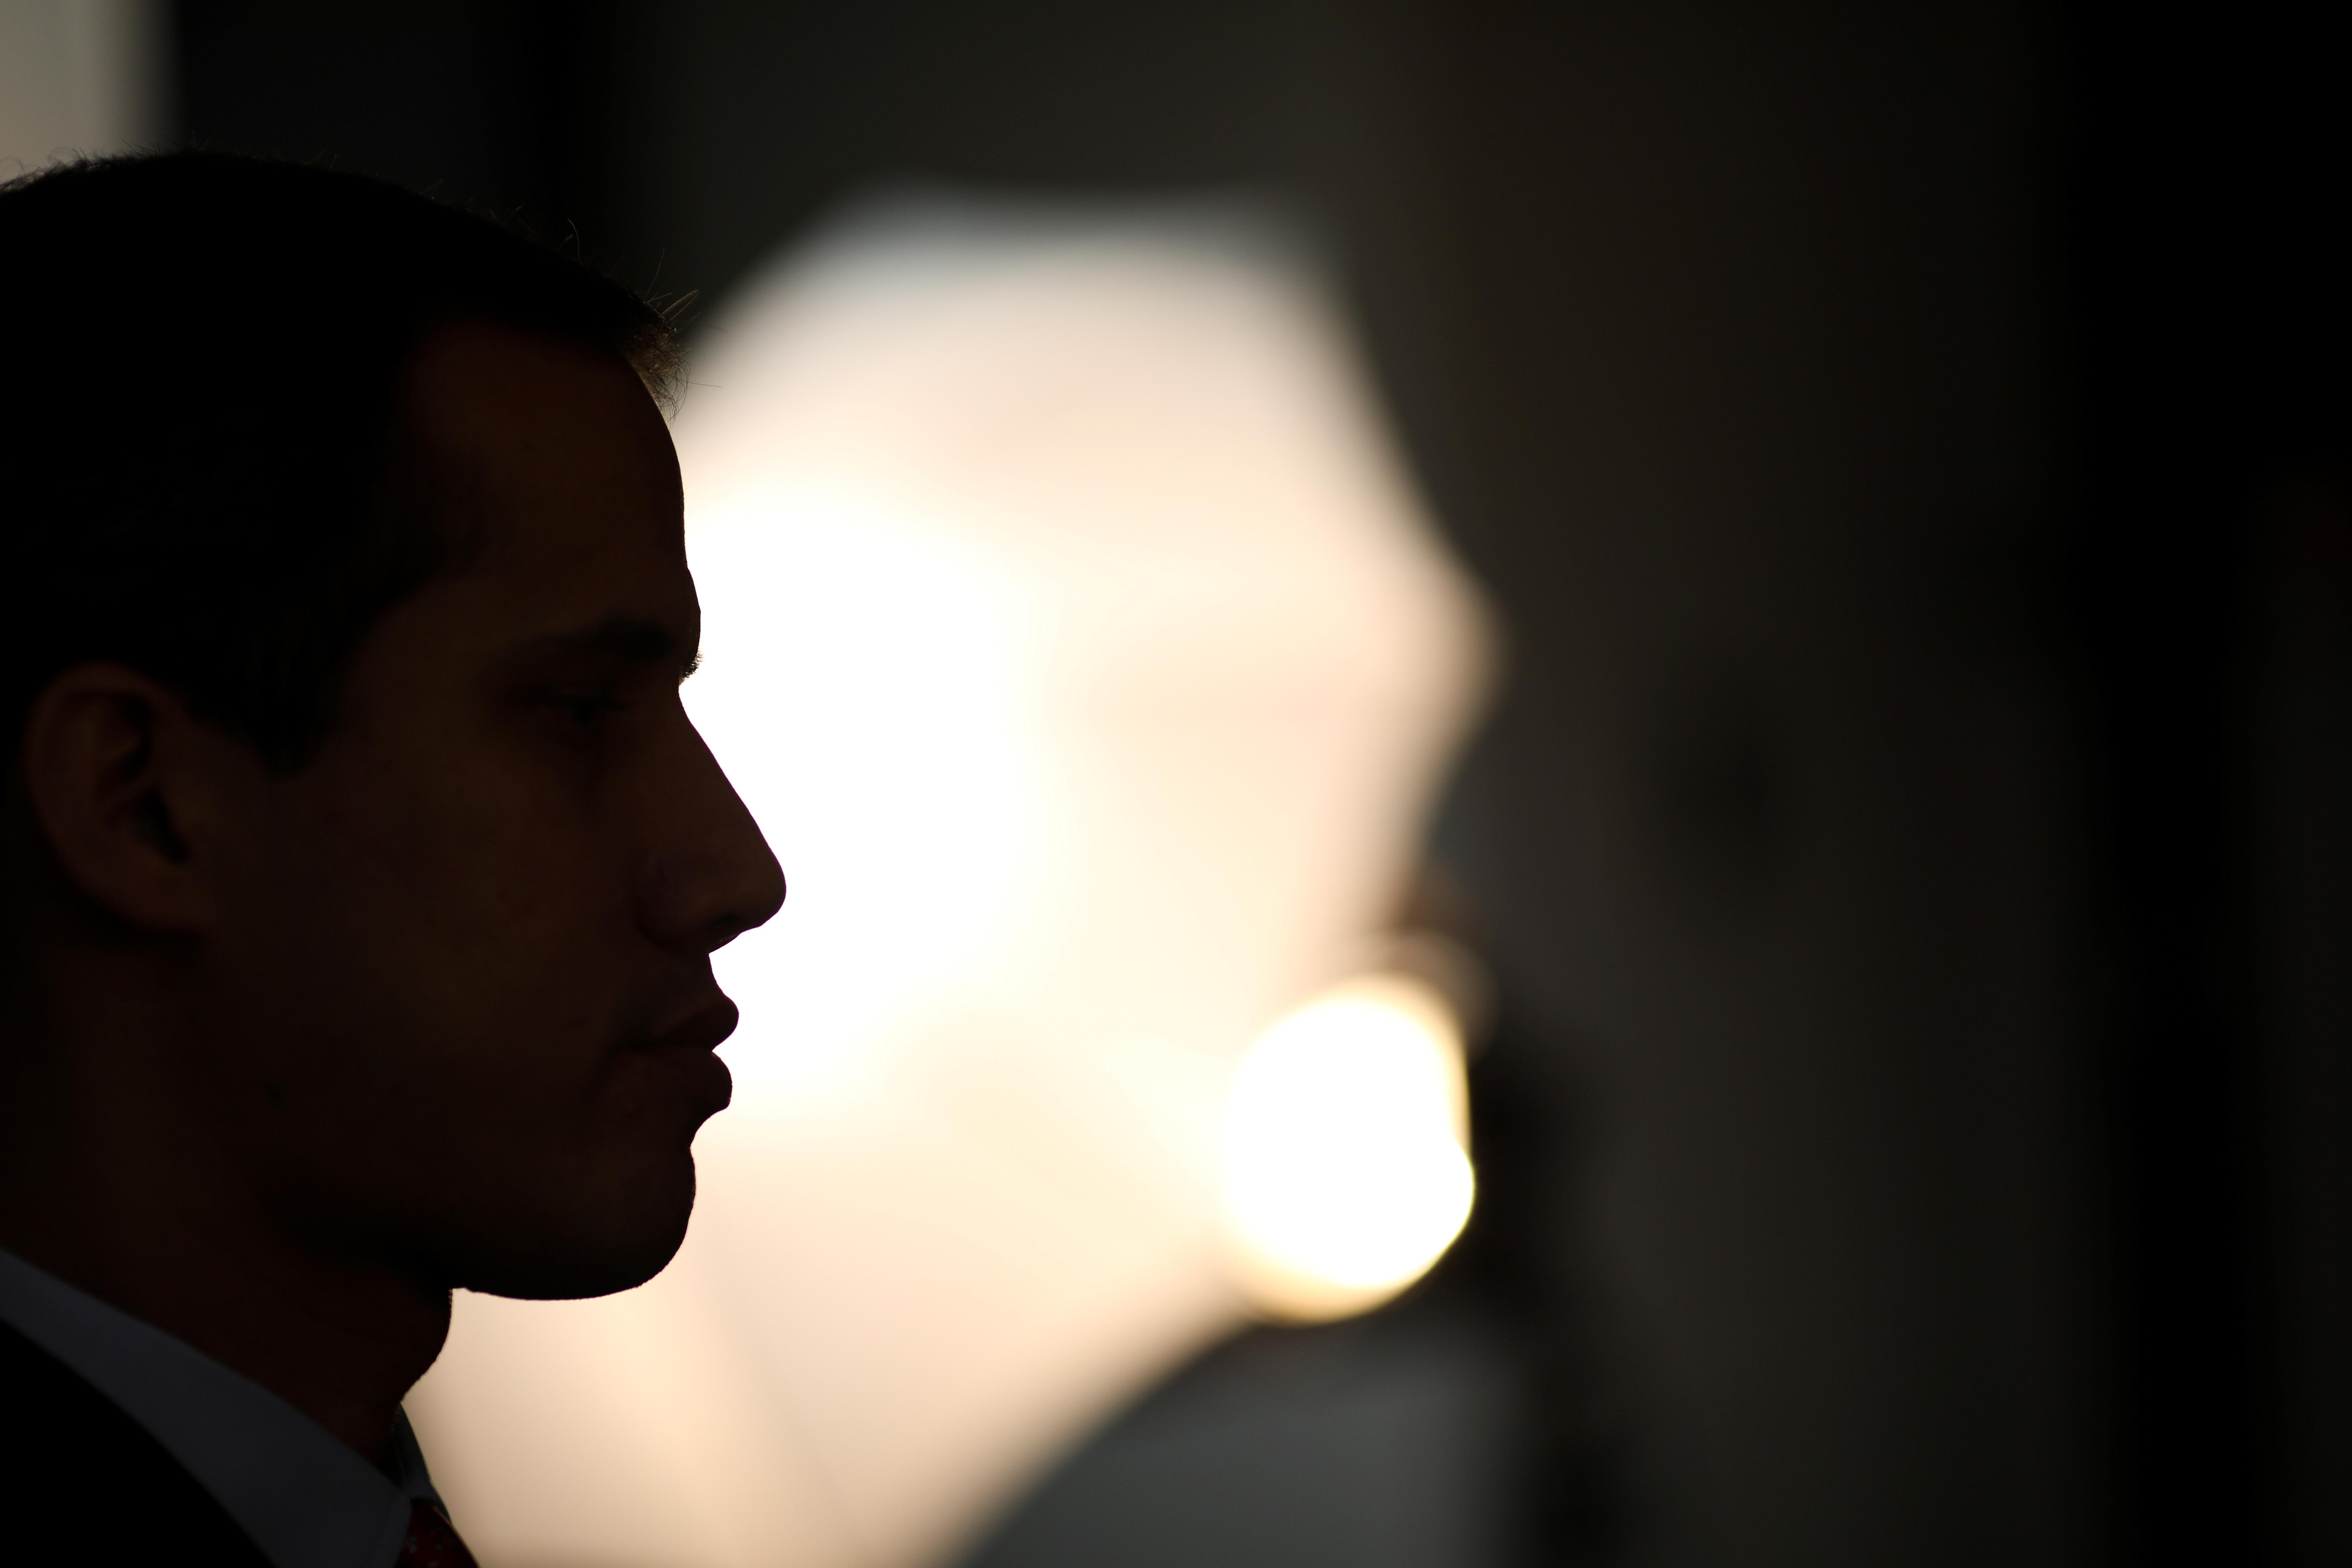 ¿Qué tan importante es la gira de Juan Guaidó para el futuro de Venezuela?